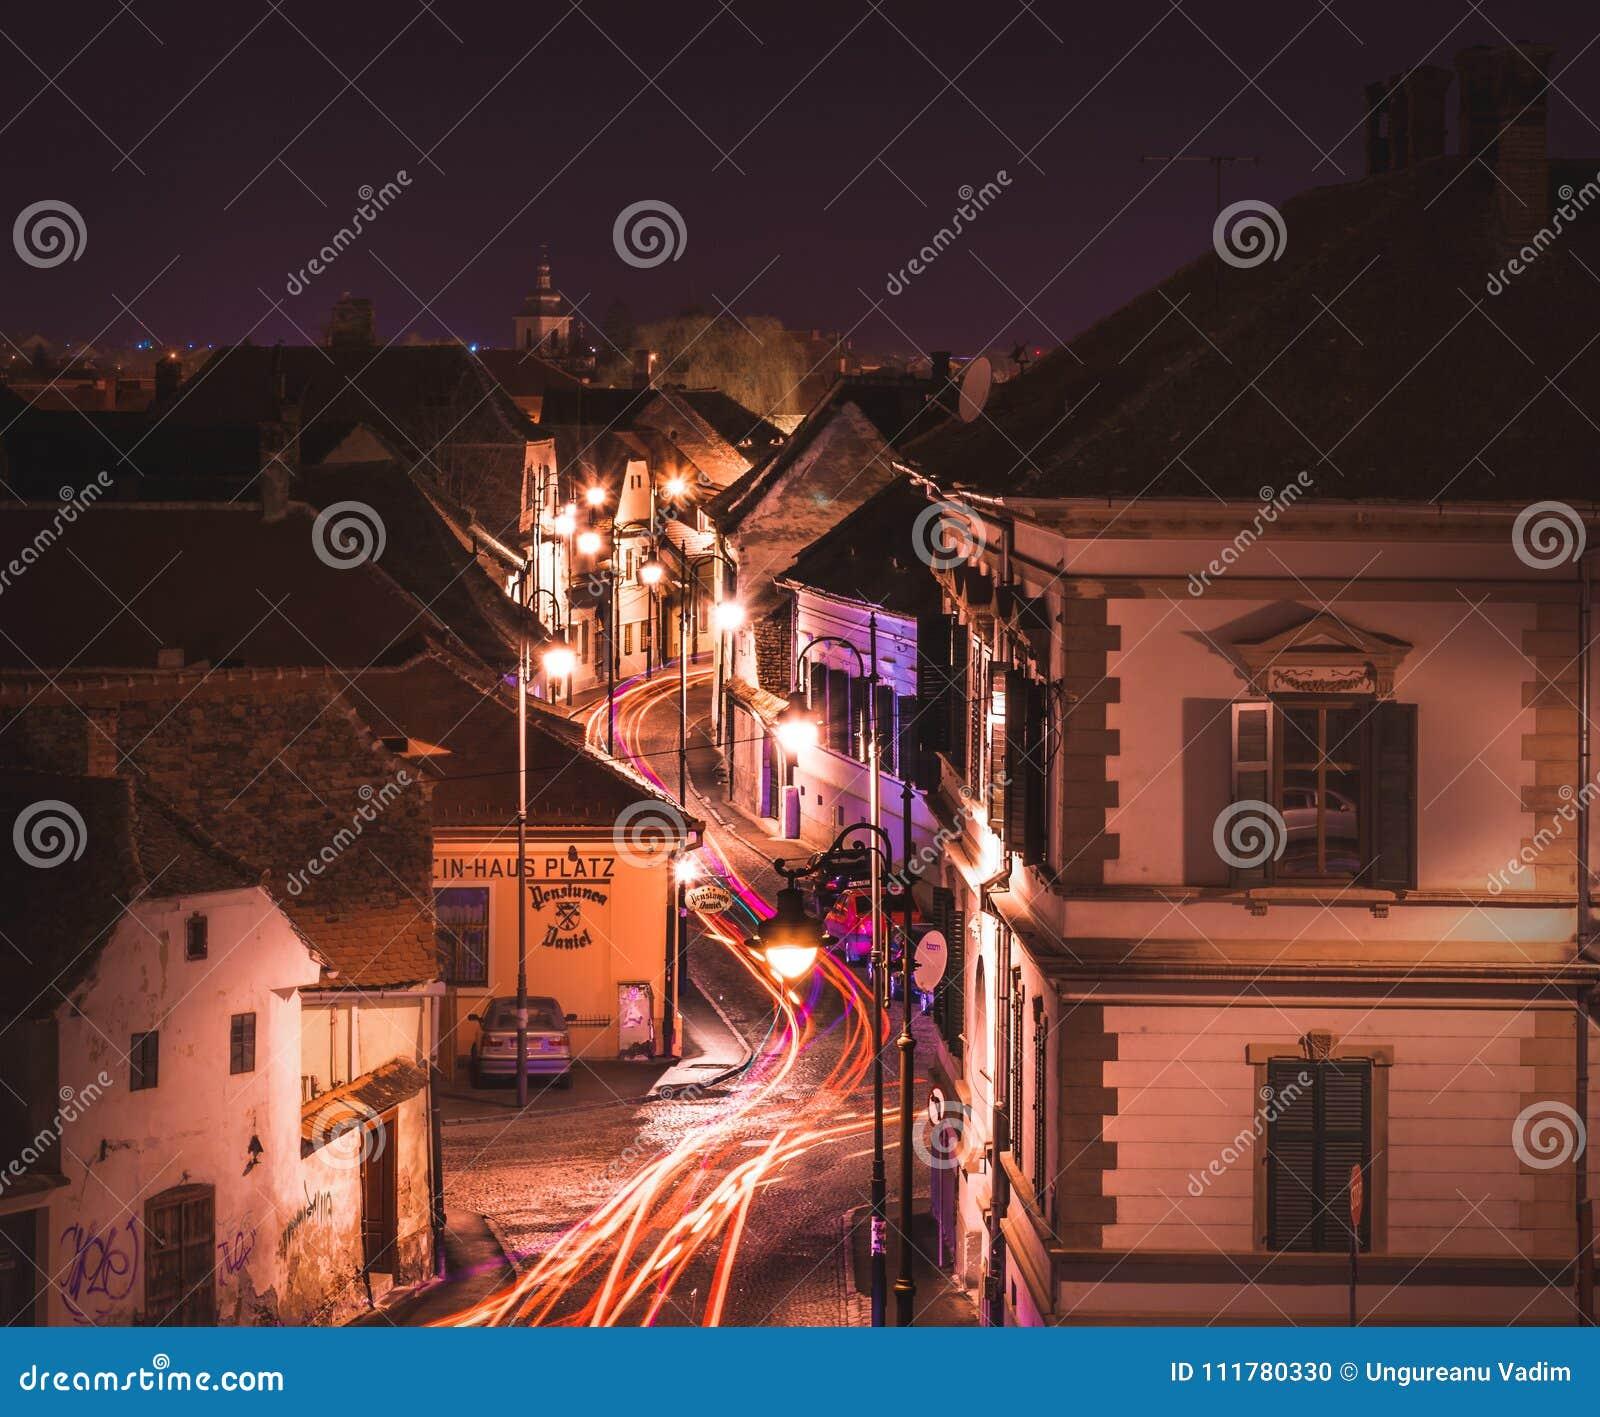 SIBIU, ROMANIA - 13 FEBRUARY 2016: SBeautiful downtown street with car lights in Sibiu, Romania.